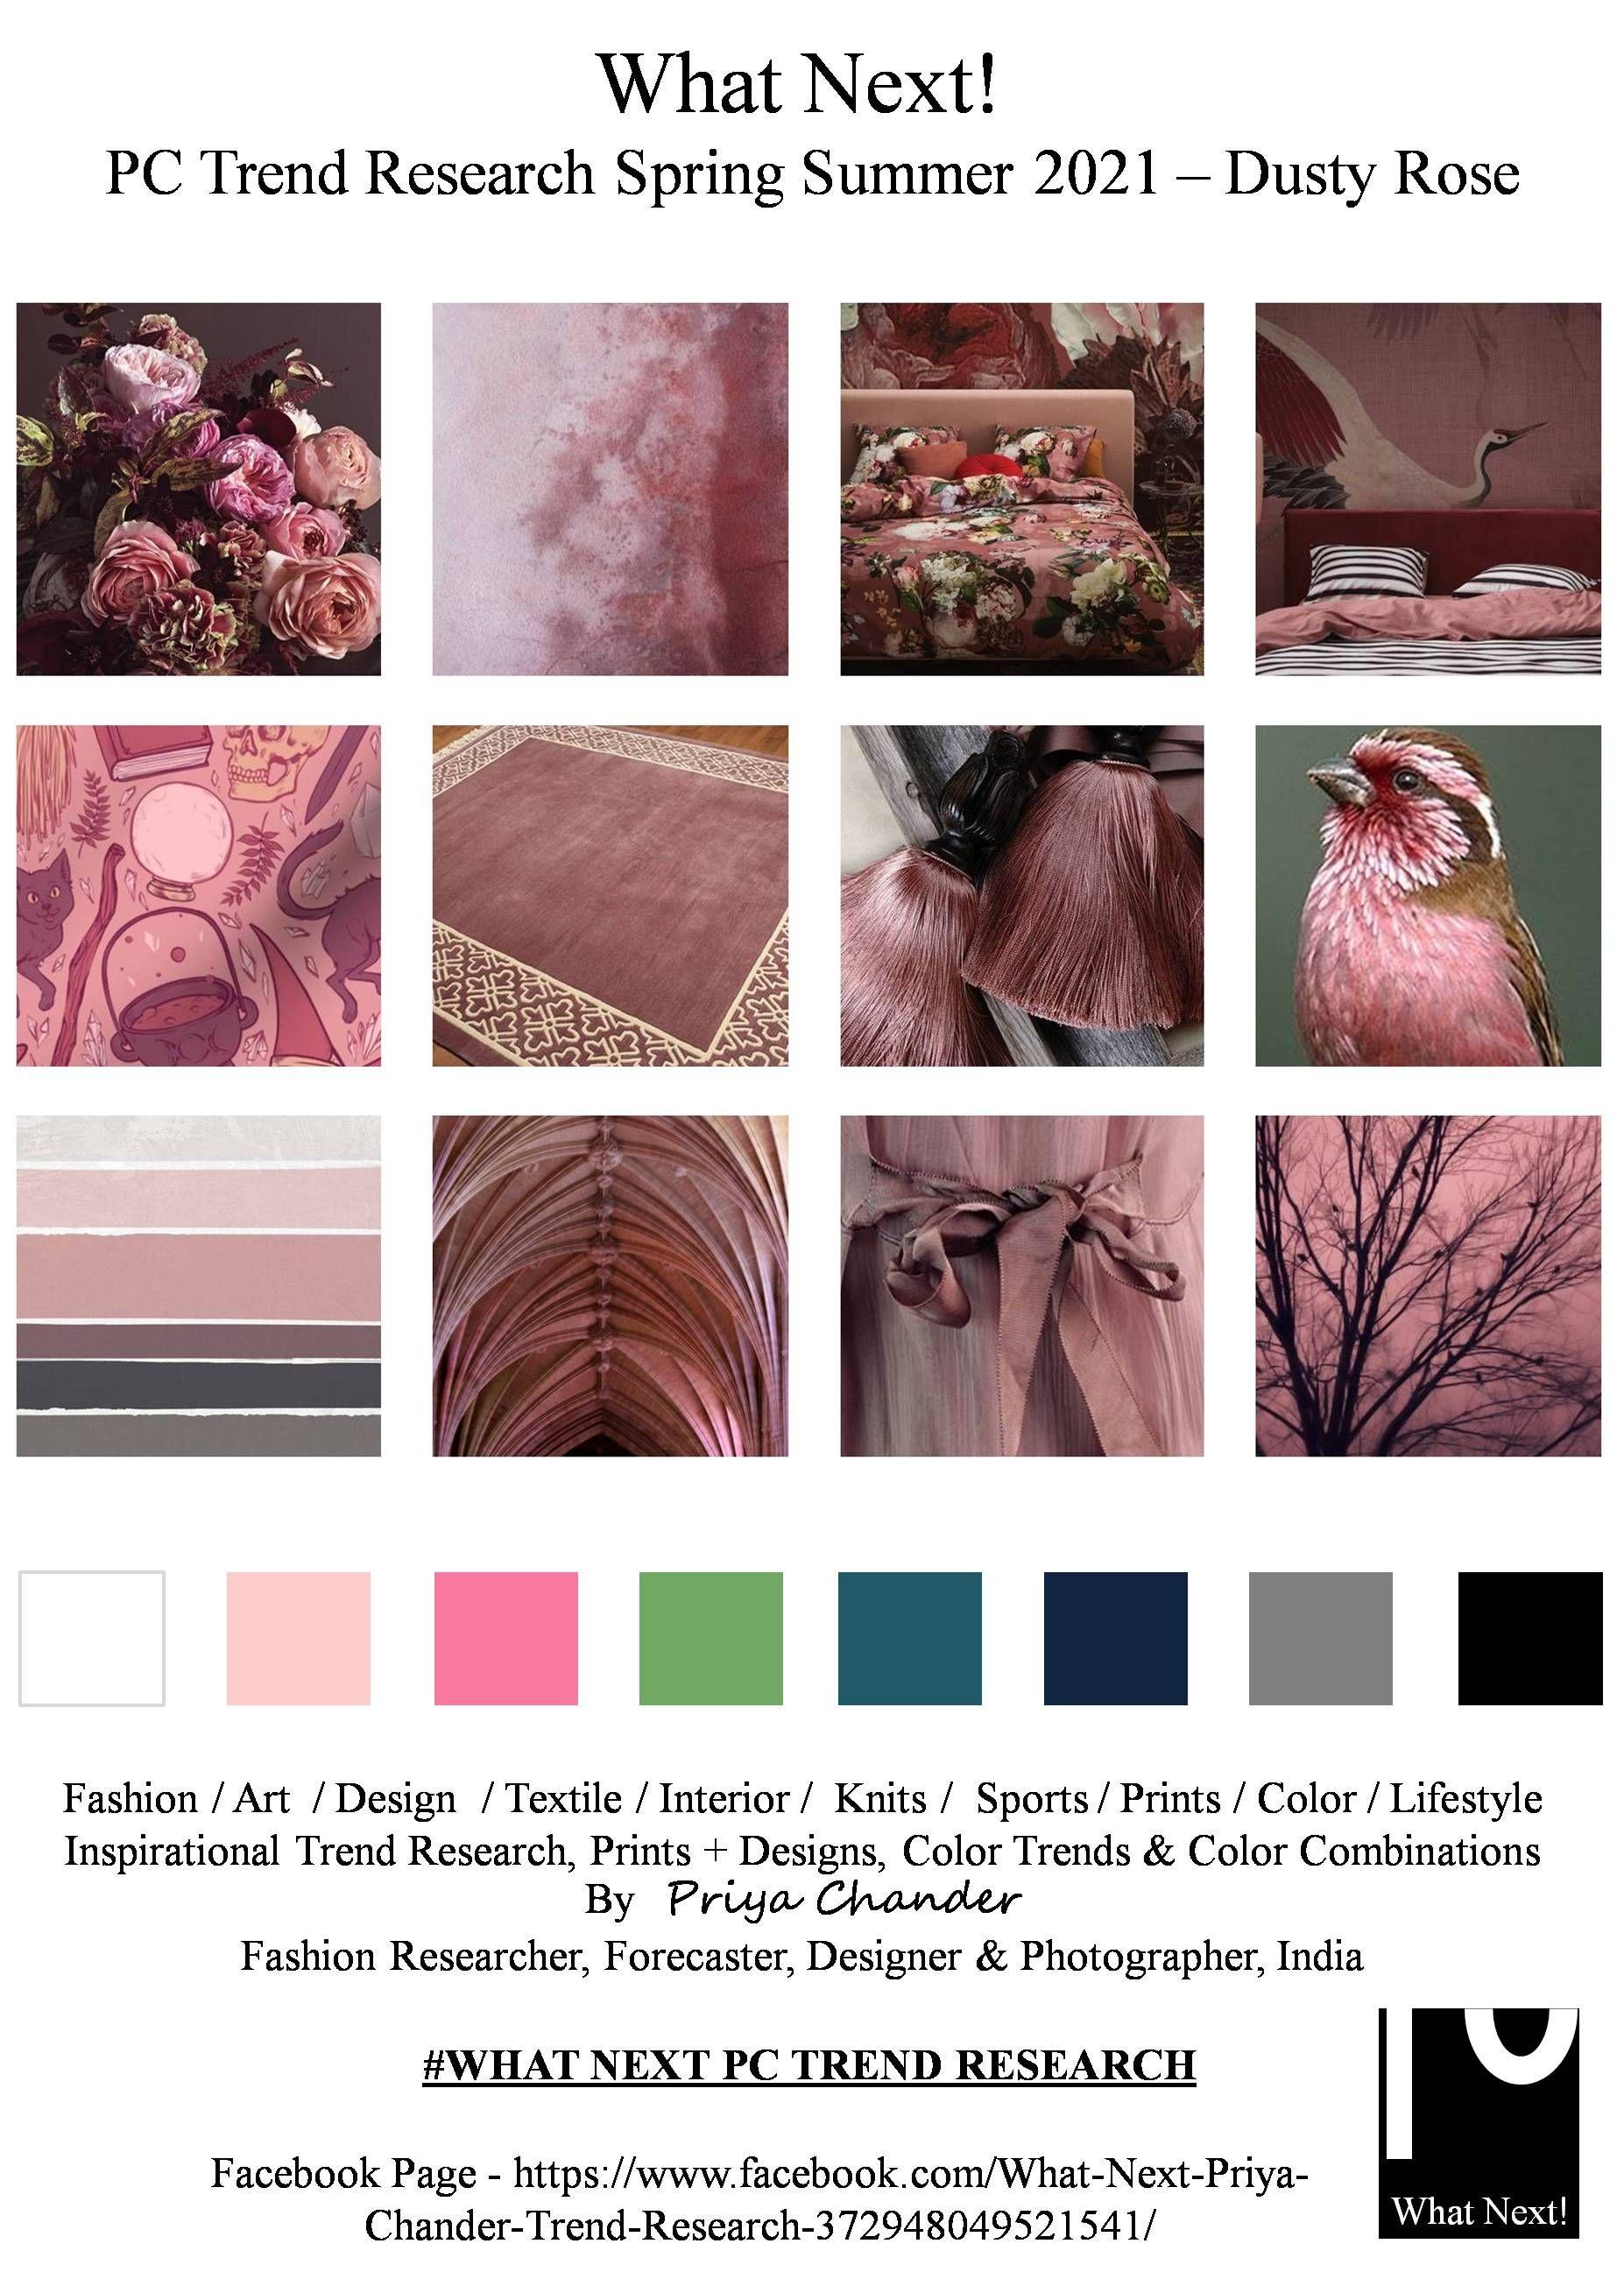 Dustyrose Mauve Dustyrosecolor Ss2021 Whatnextpctrendresearch Priyachanderdesigns Fashionforecastbypriy Color Trends Pantone Trends Color Trends Fashion